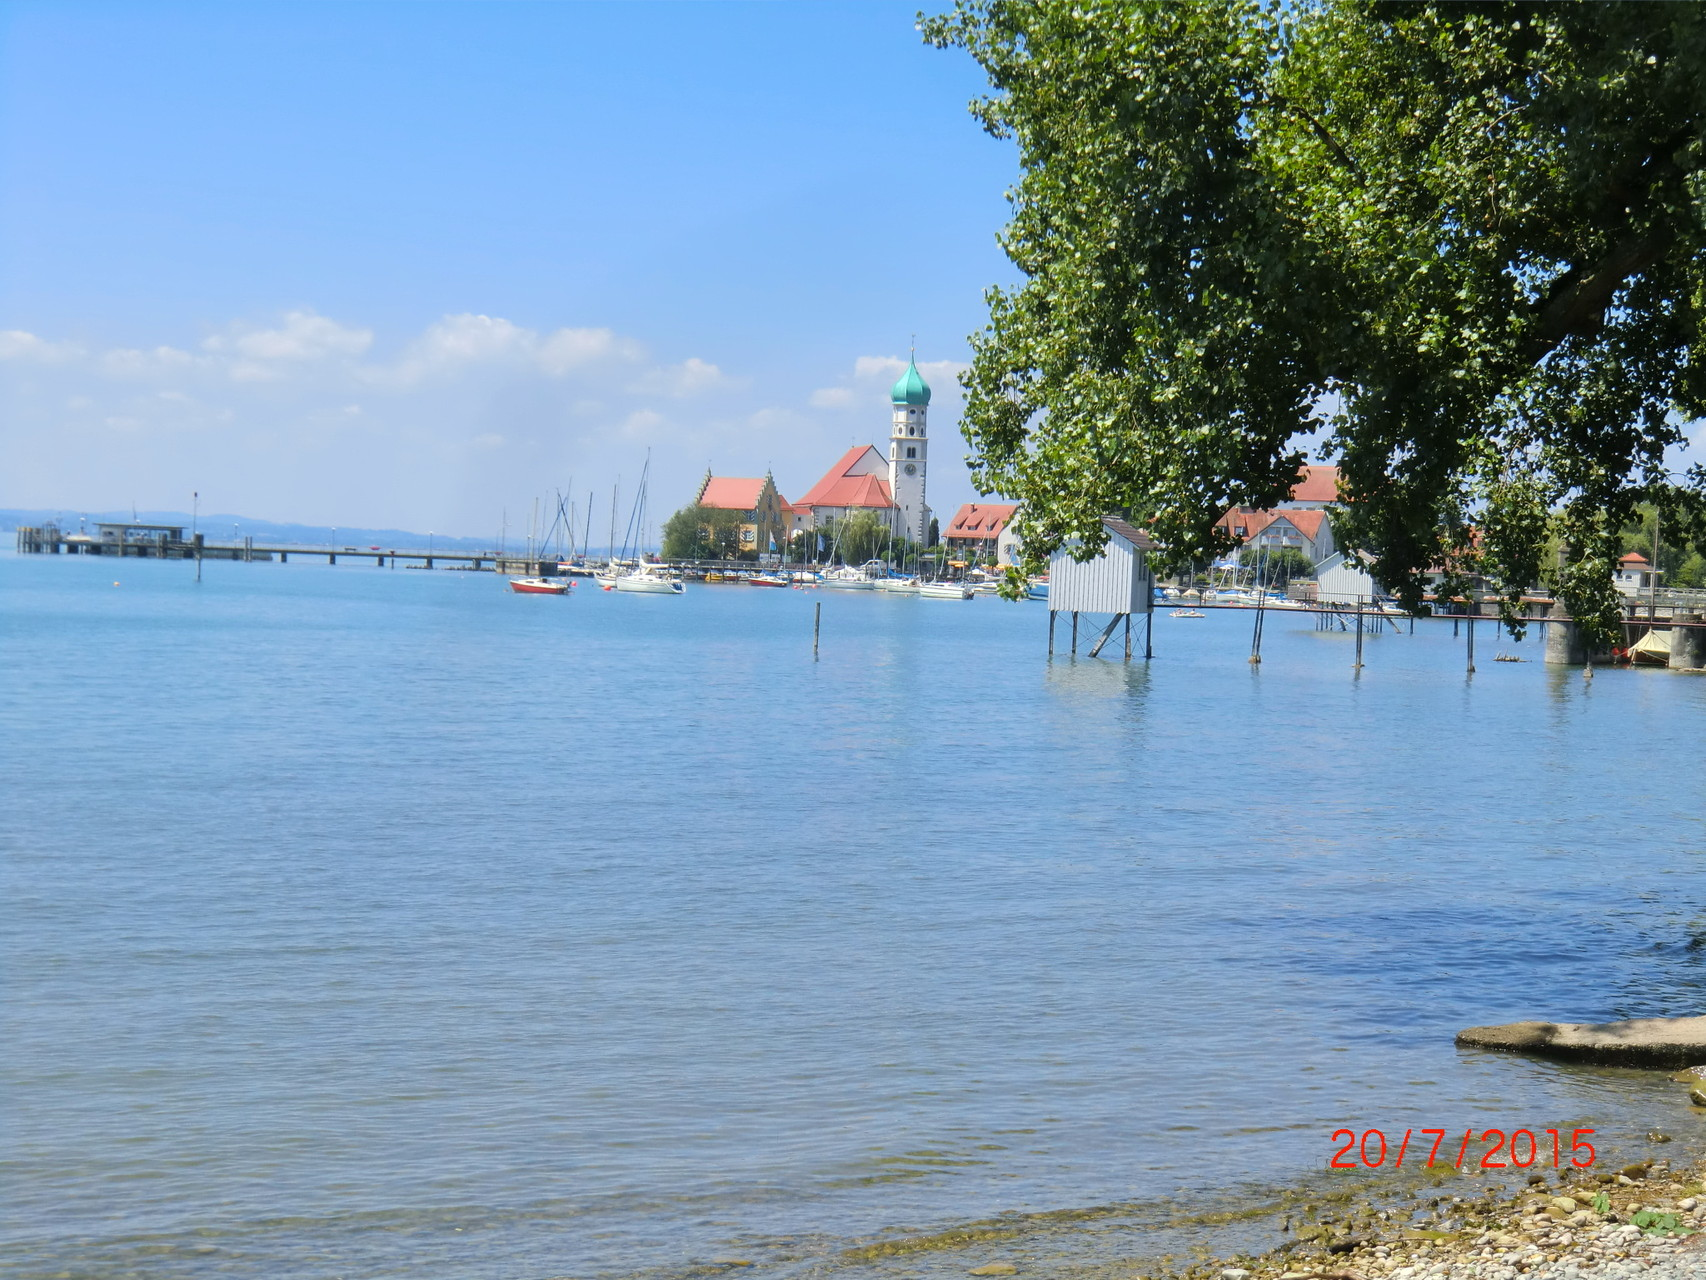 Das kleine Örtchen Wasserburg am Bodensee